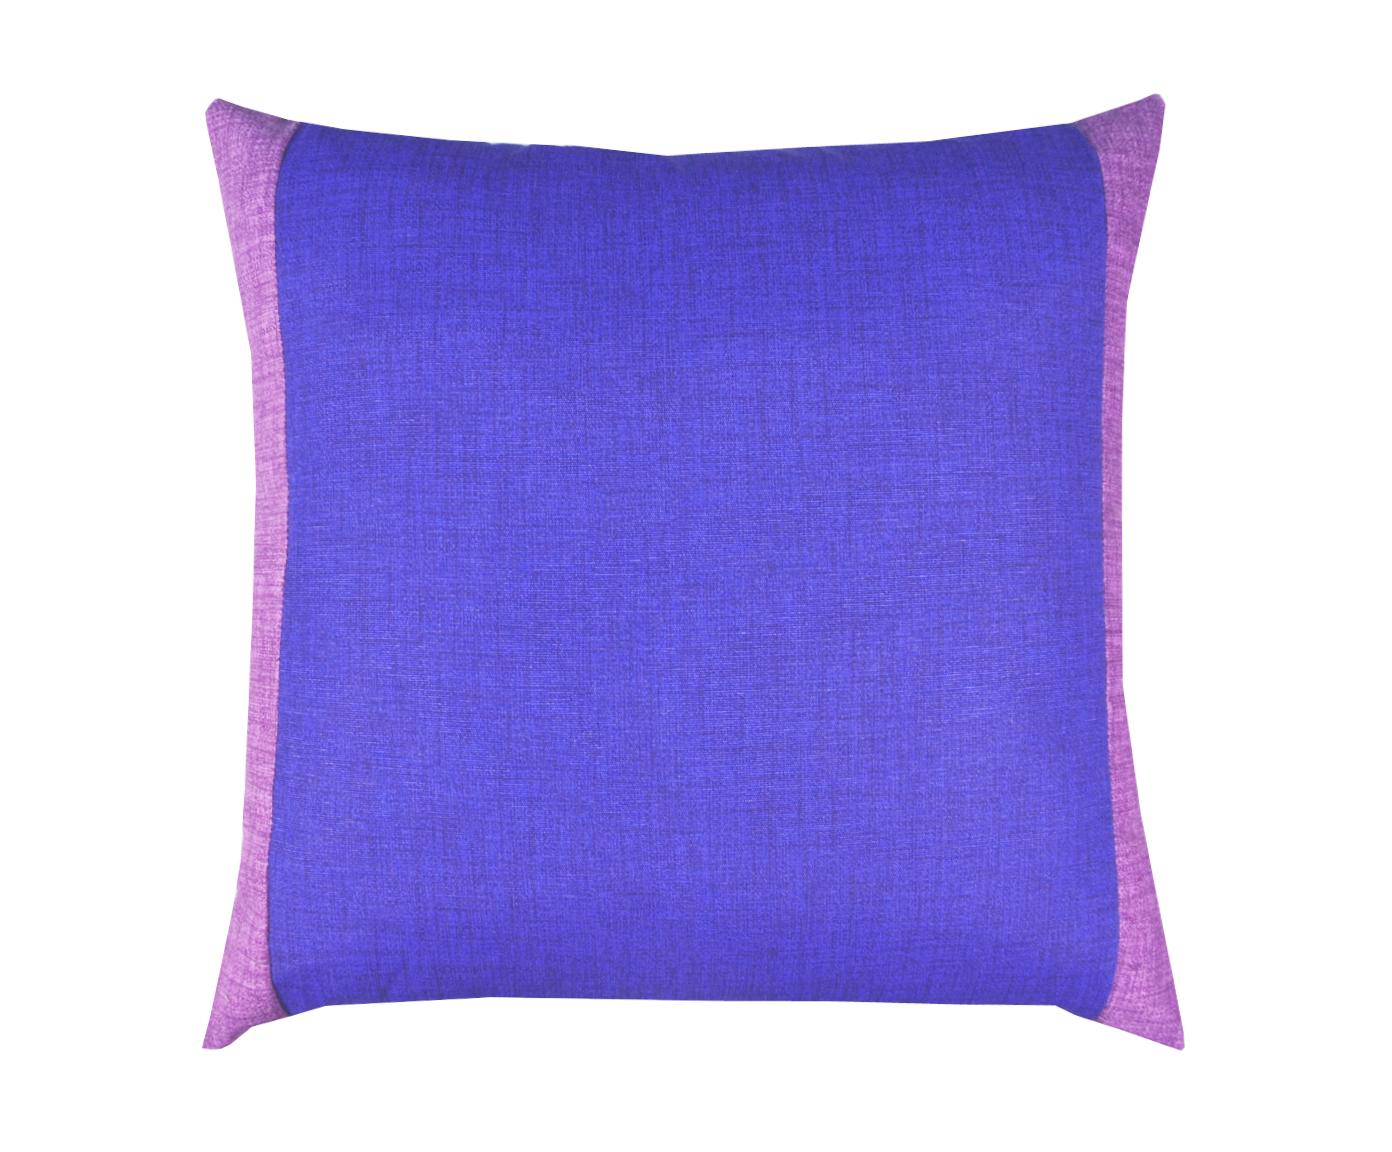 Подушка TorderaКвадратные подушки и наволочки<br>Декоративная  подушка .Чехол съемный.<br><br>Material: Хлопок<br>Ширина см: 45<br>Высота см: 45<br>Глубина см: 15